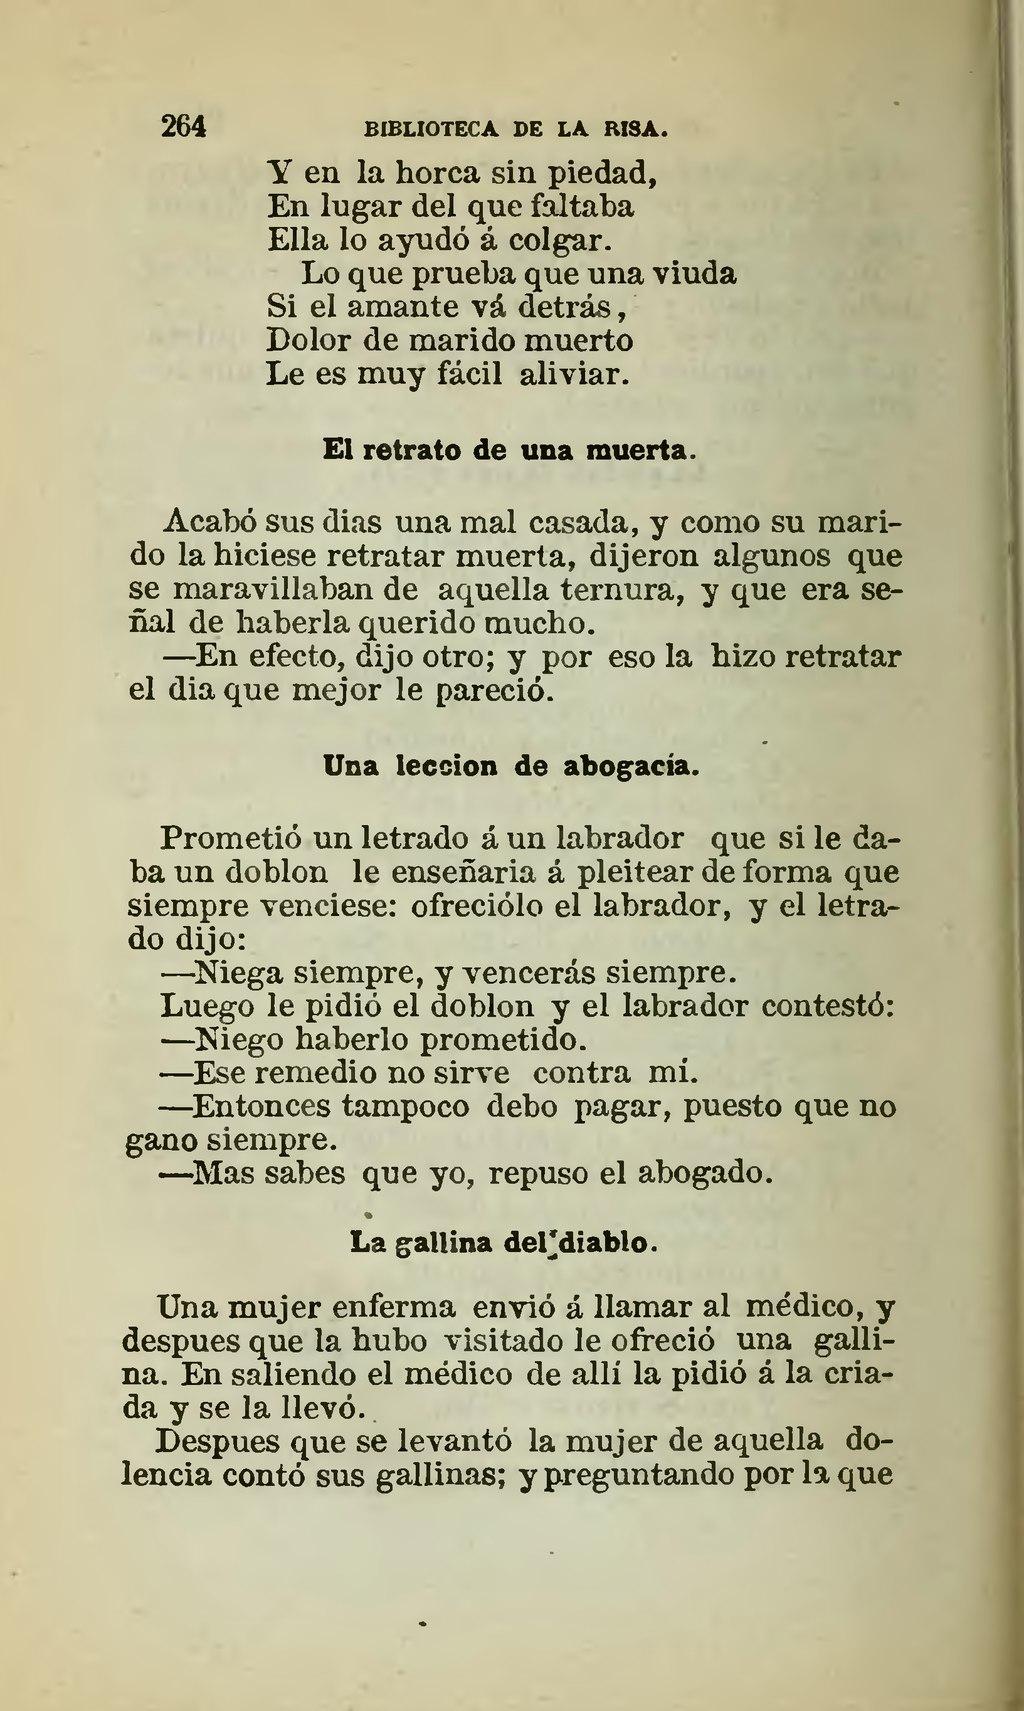 Pagina El Libro De Los Cuentos Djvu 264 Wikisource